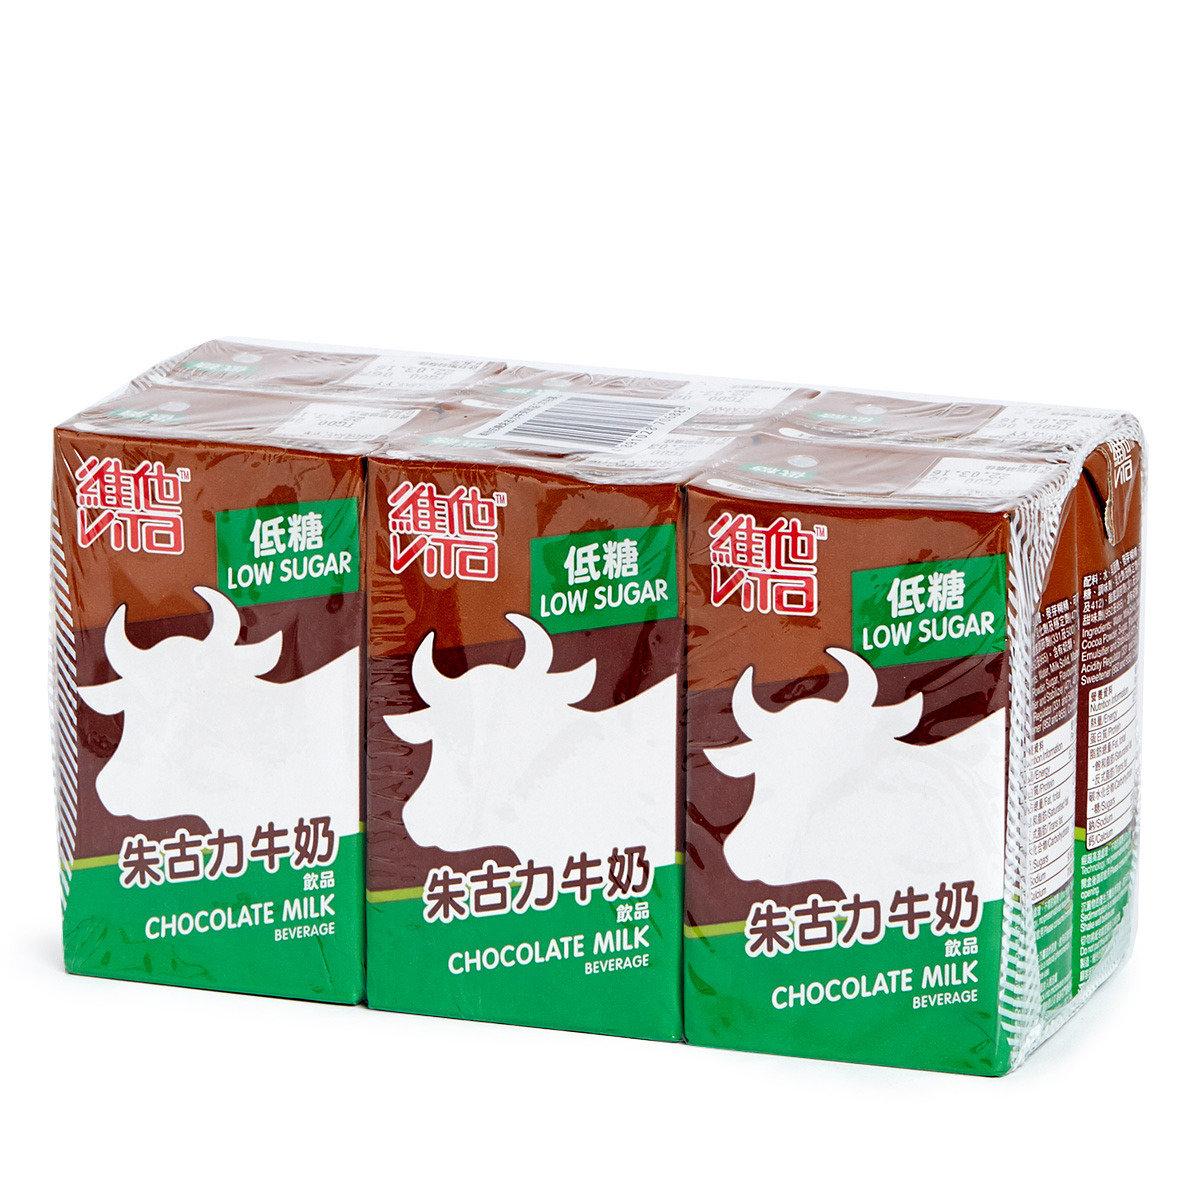 低糖朱古力牛奶